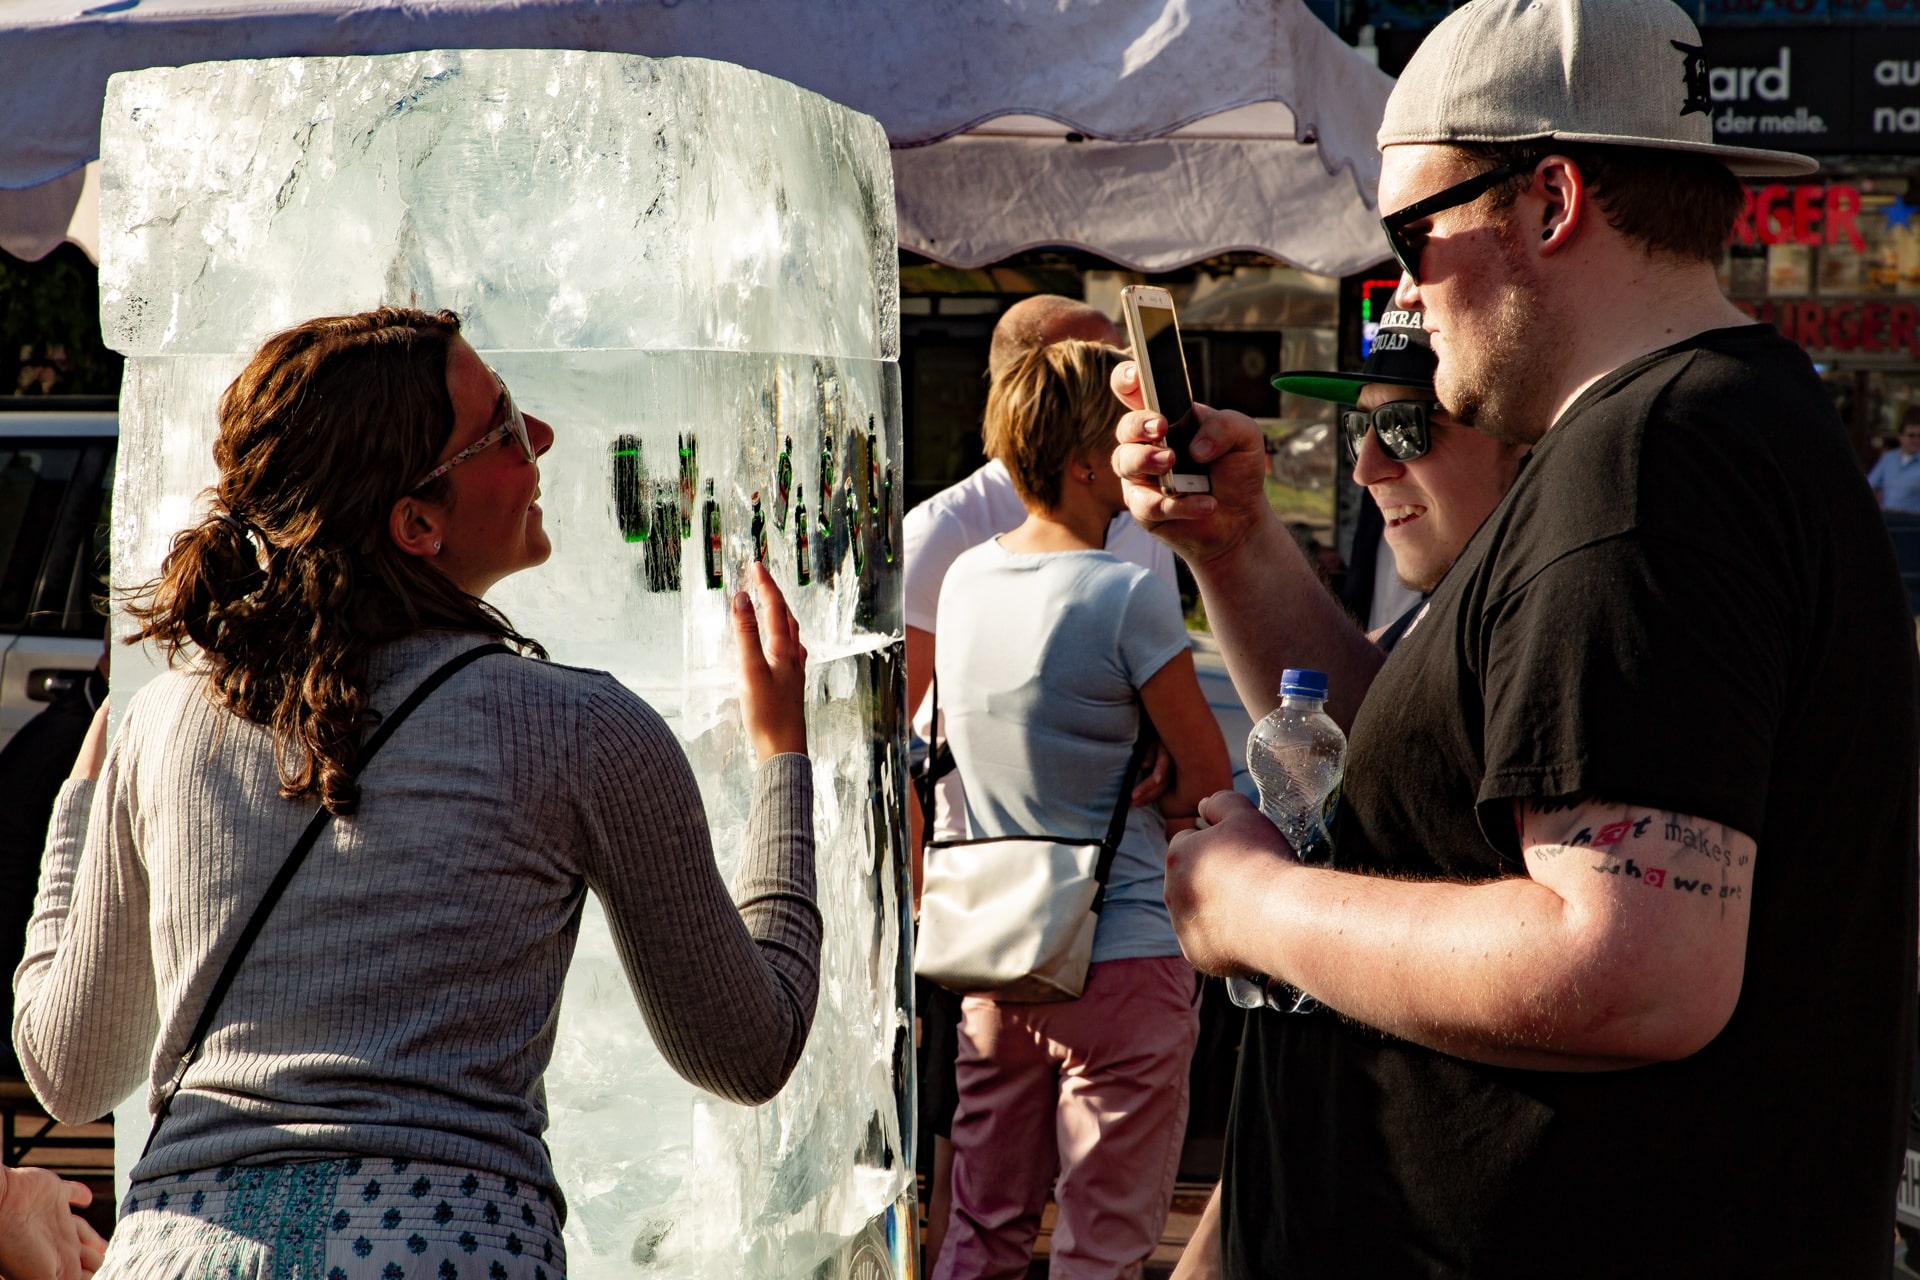 Passantin umarmt Jägermeister Eisplakat und wird dabei fotografiert